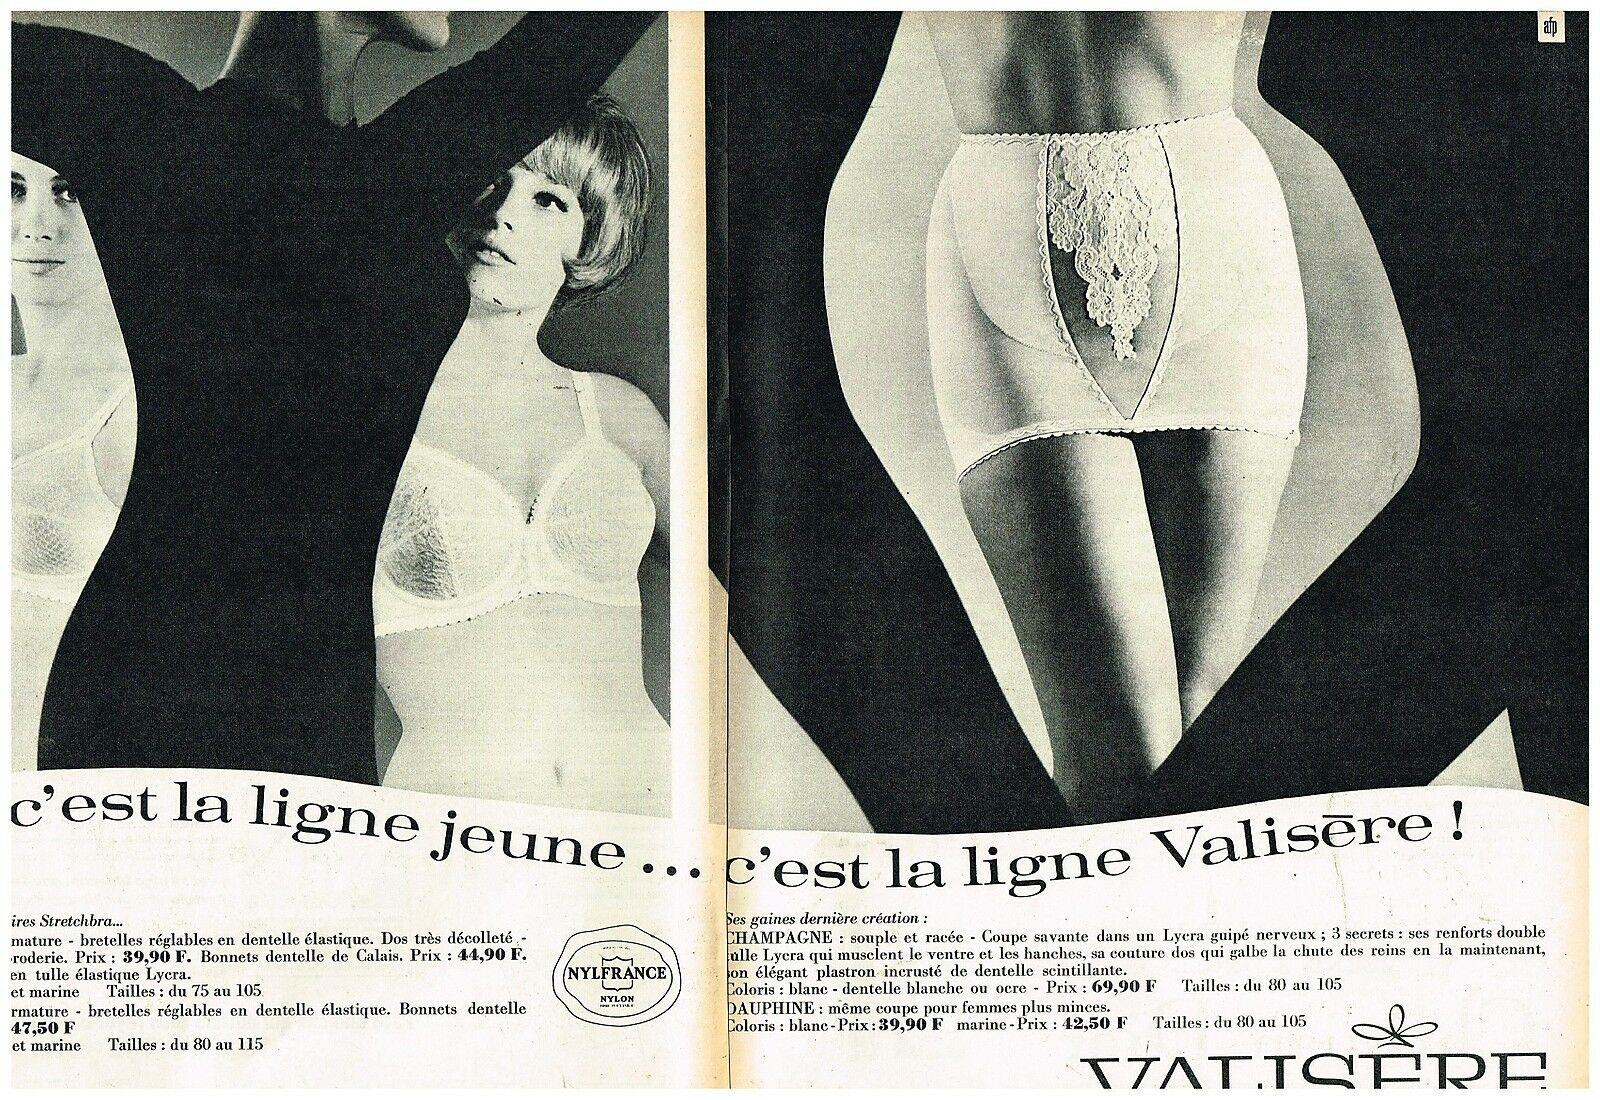 Valisere 1964